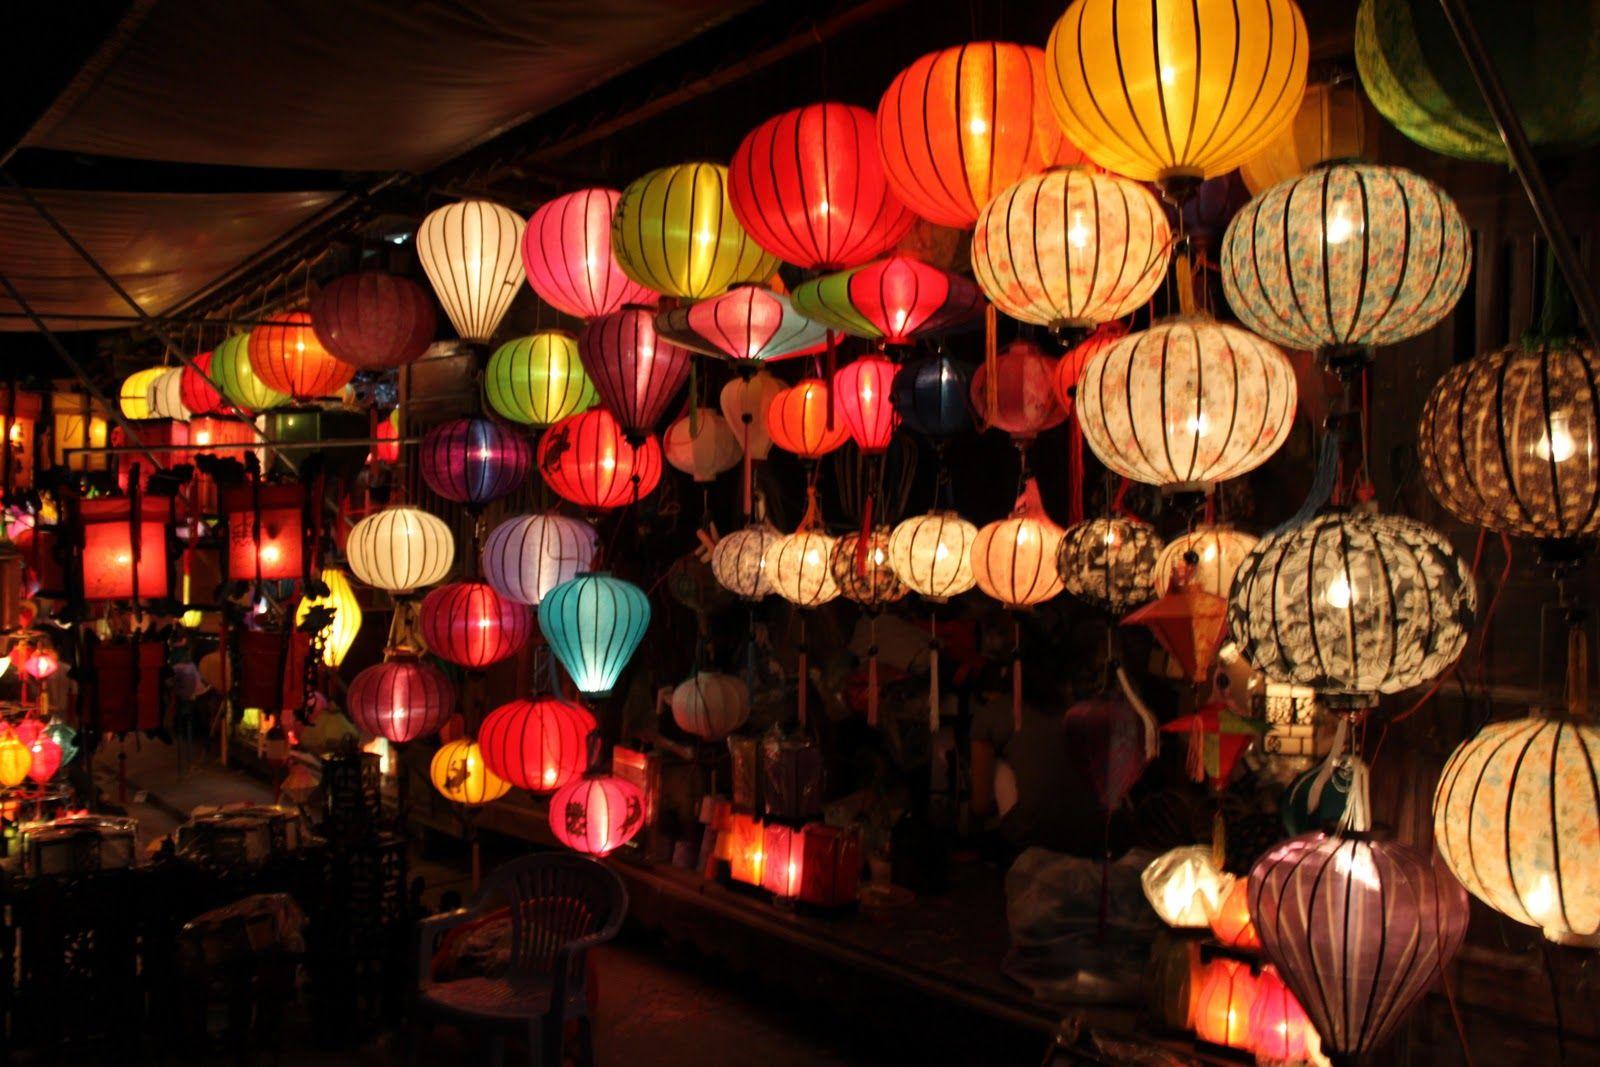 Ảnh đèn lồng phố cổ Hội An đẹp, lãng mạn nhất